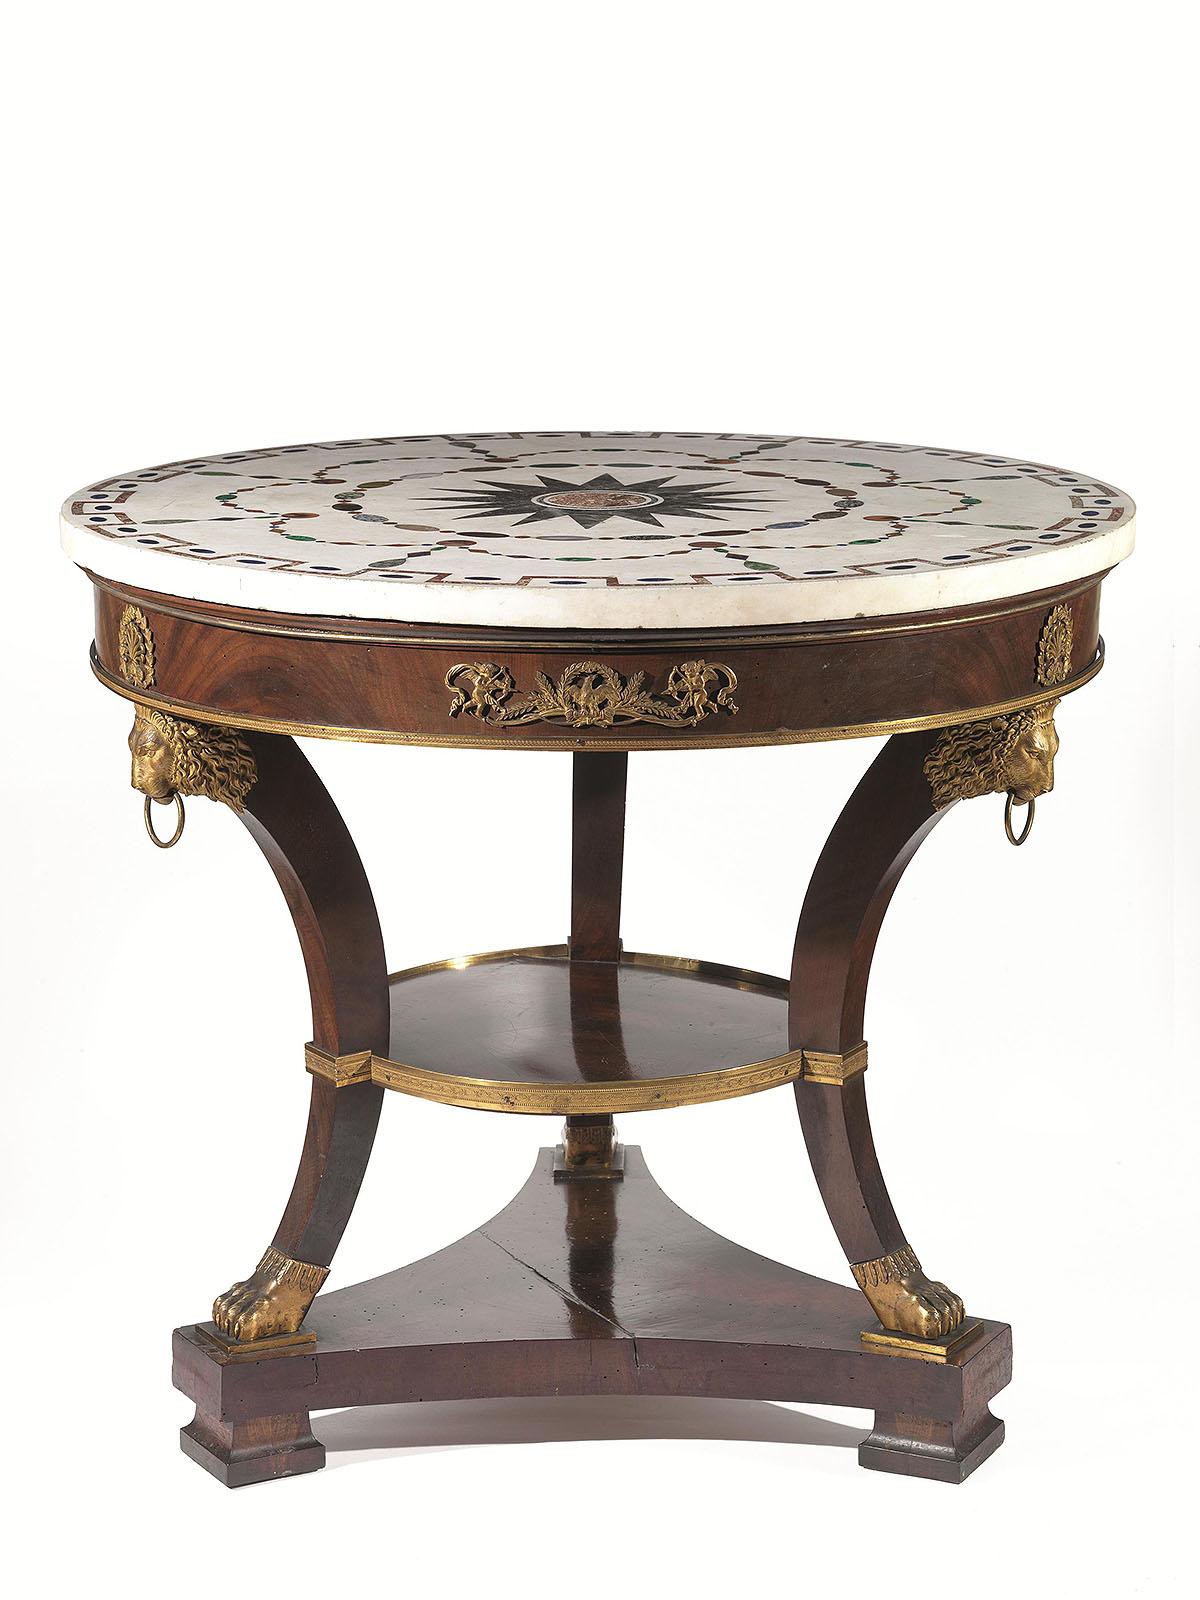 mobili ed arredi antichi oggetti d 39 arte le aste